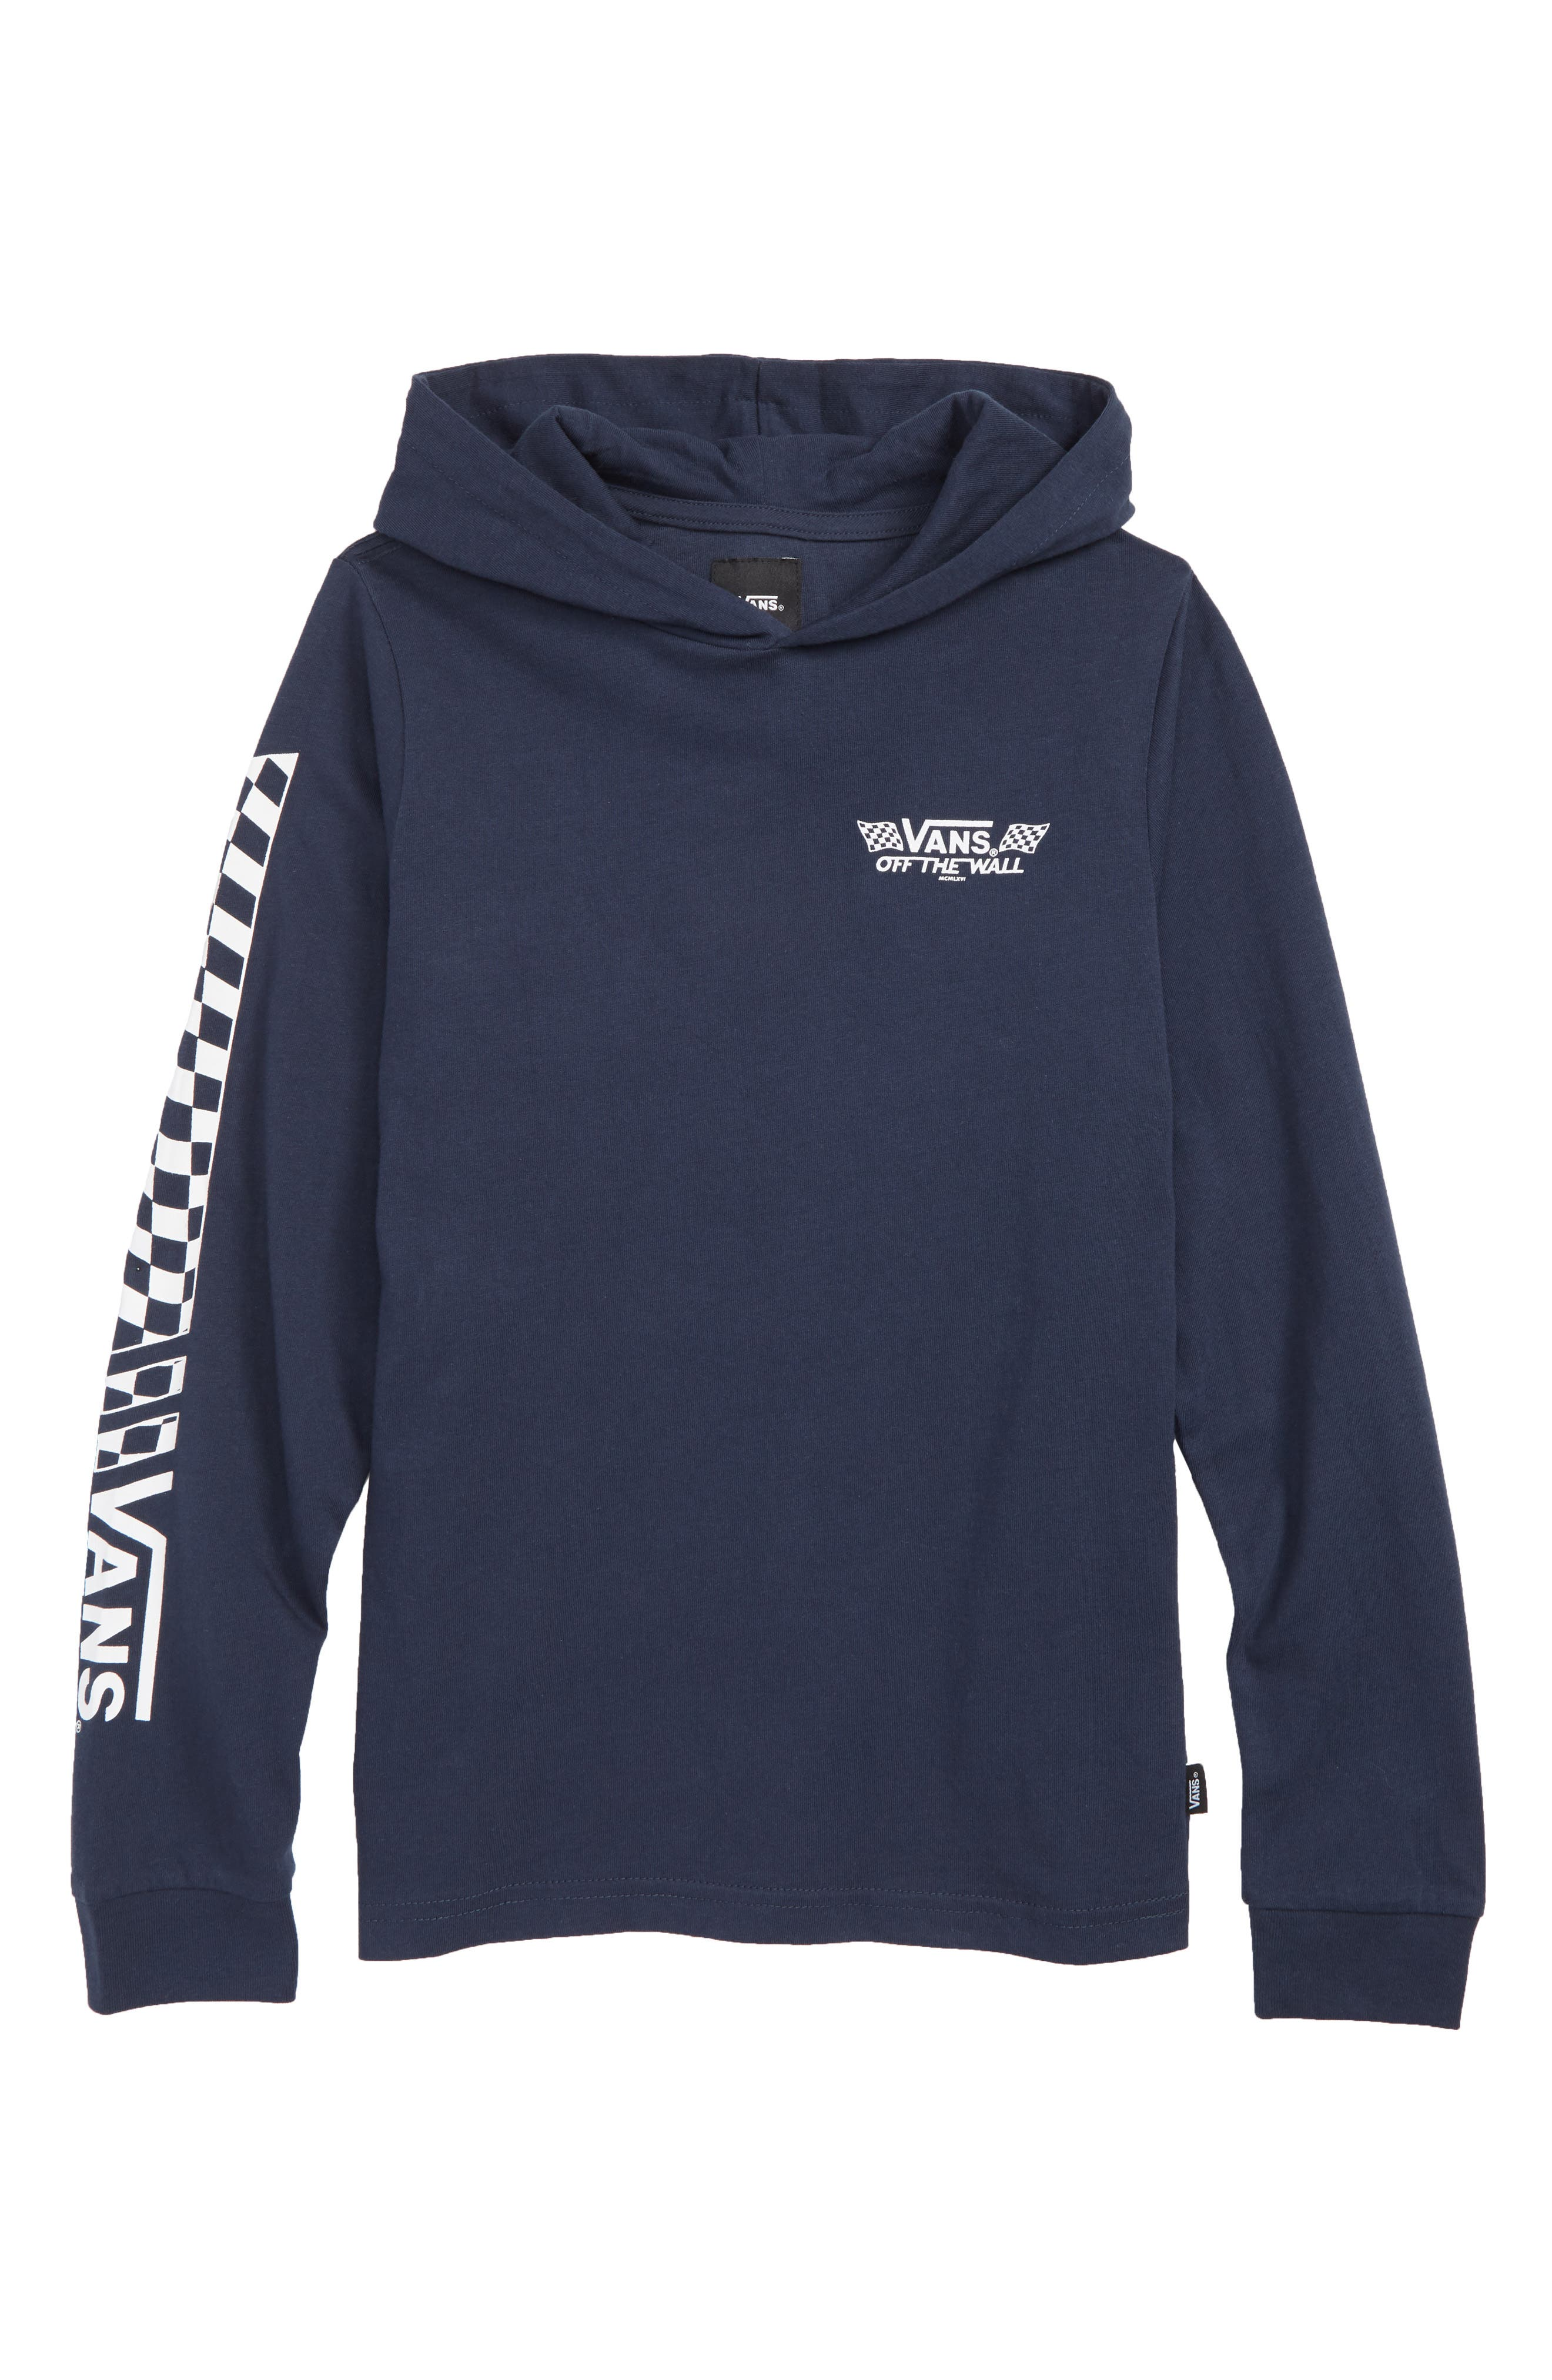 Boys Vans Van Doren Hooded Pullover Size M (1012)  Blue